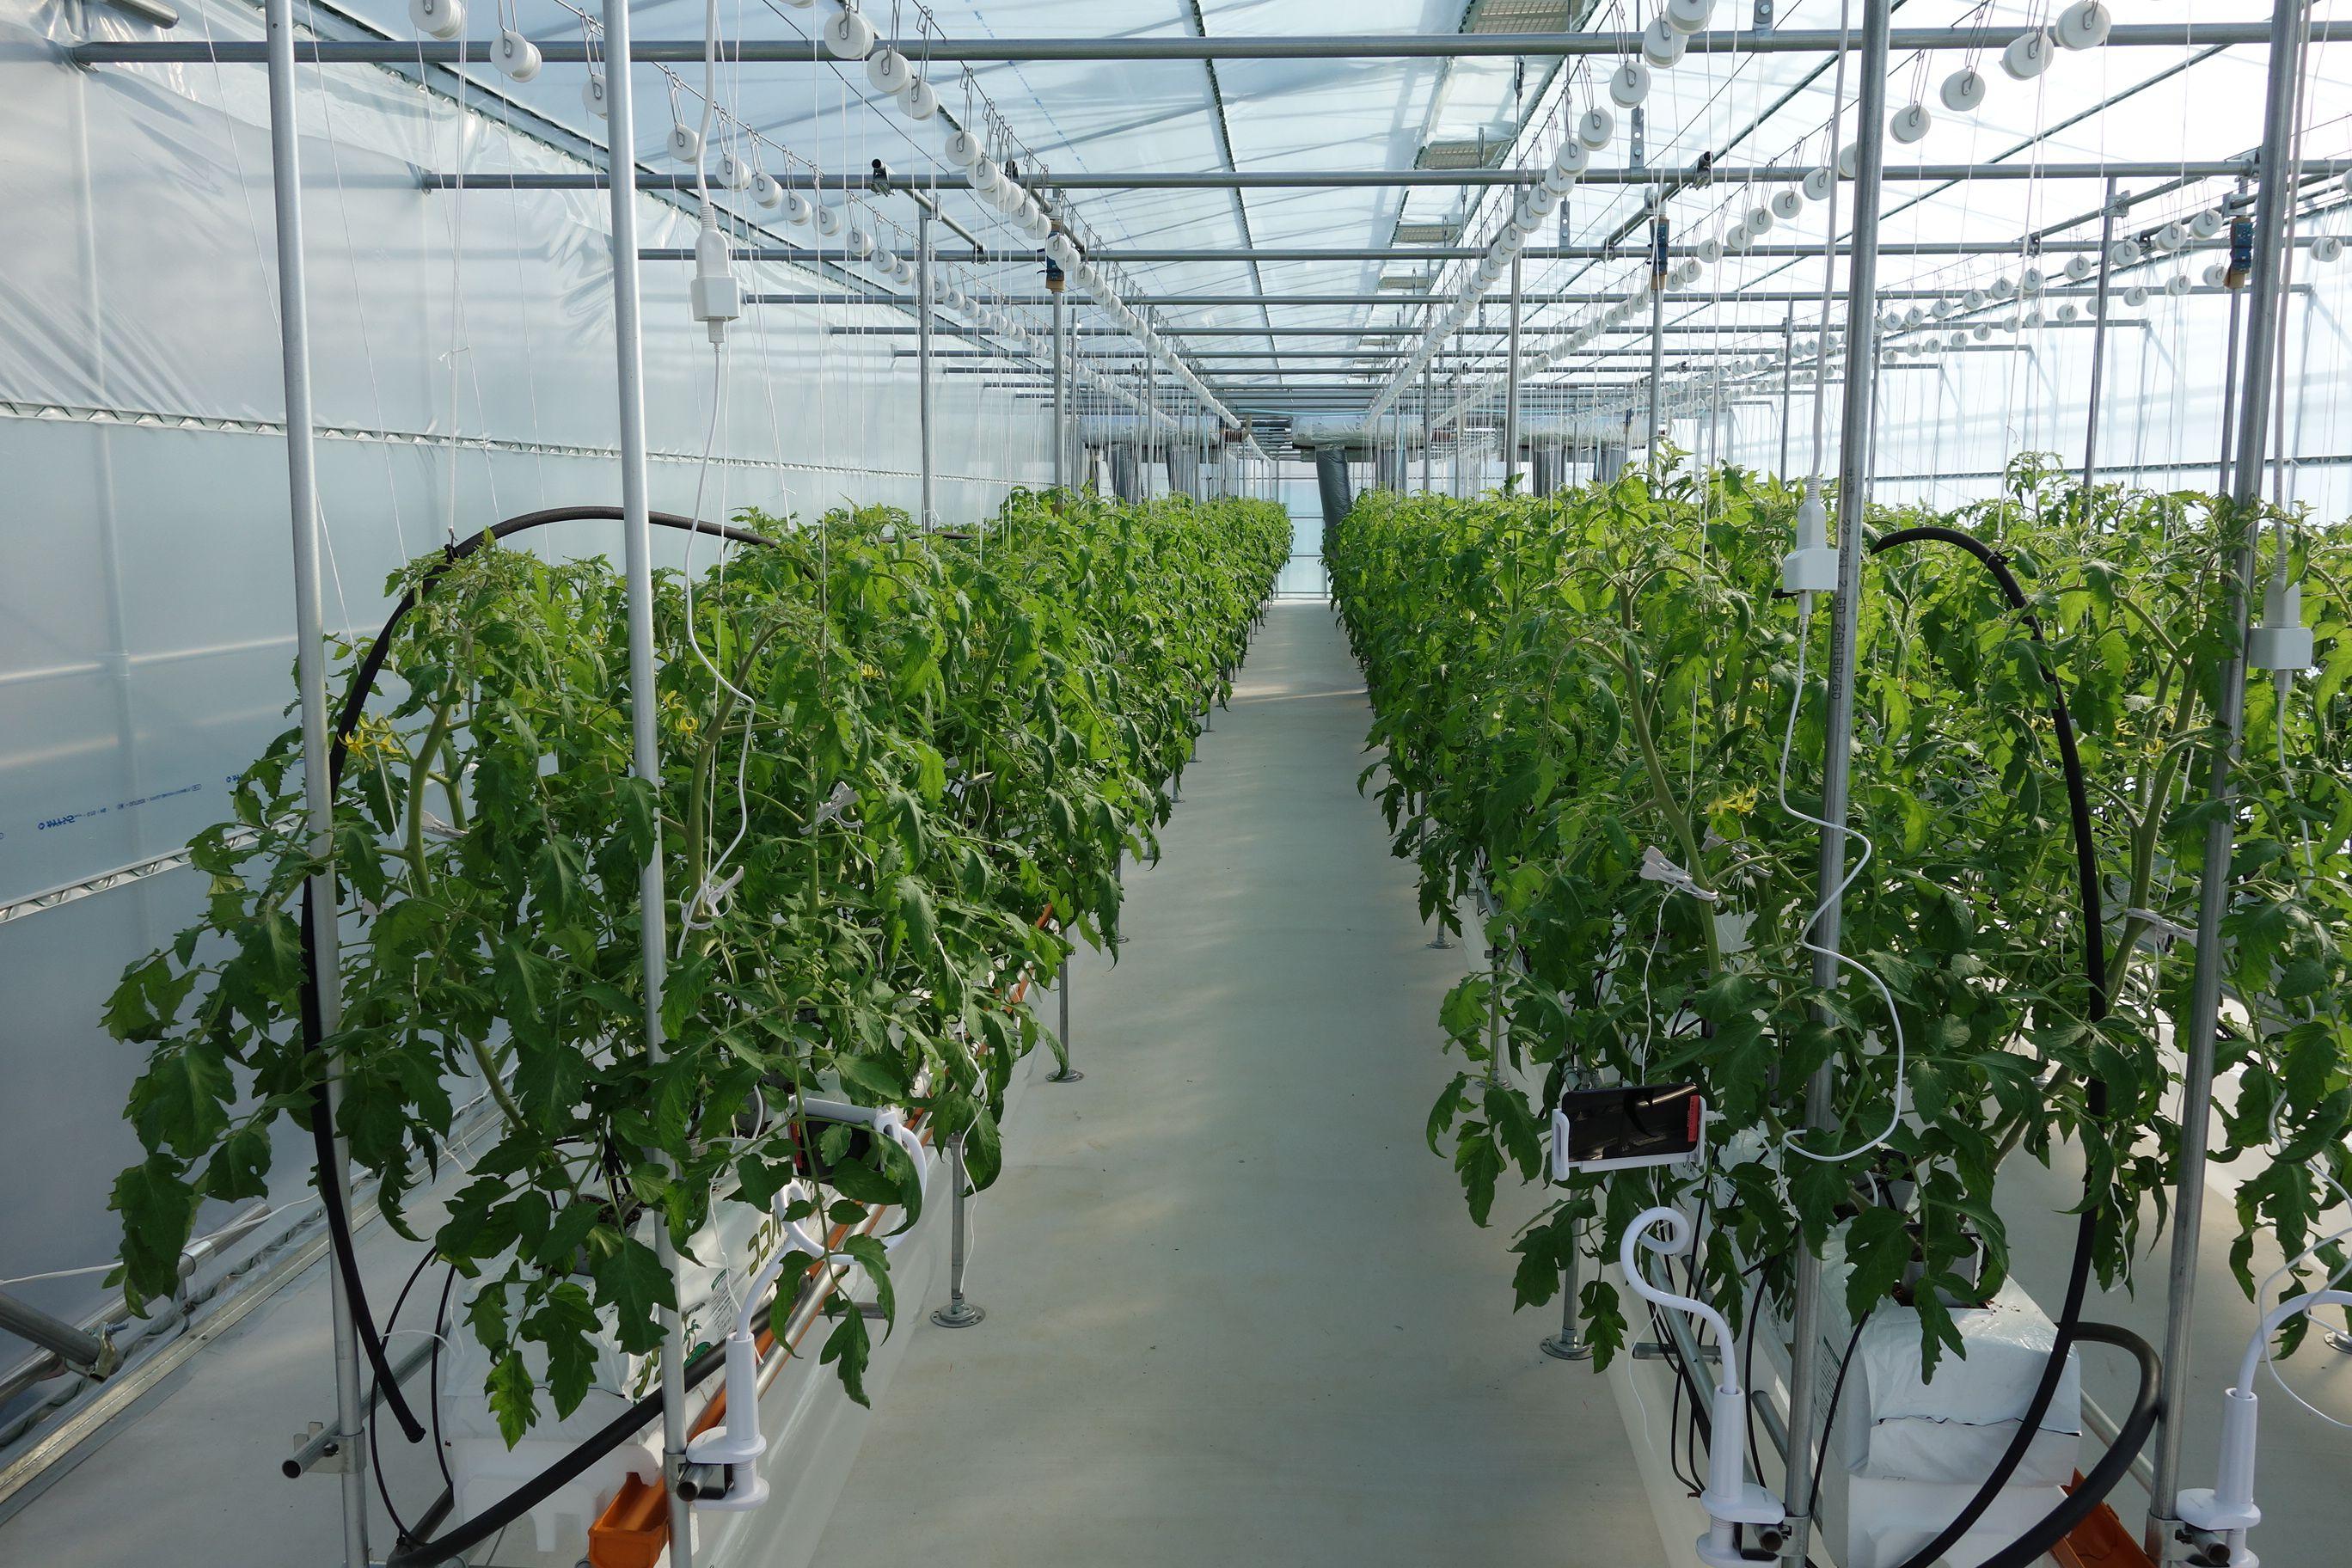 儲かる農業はIoTで実現できるか?ヤンマーが検証